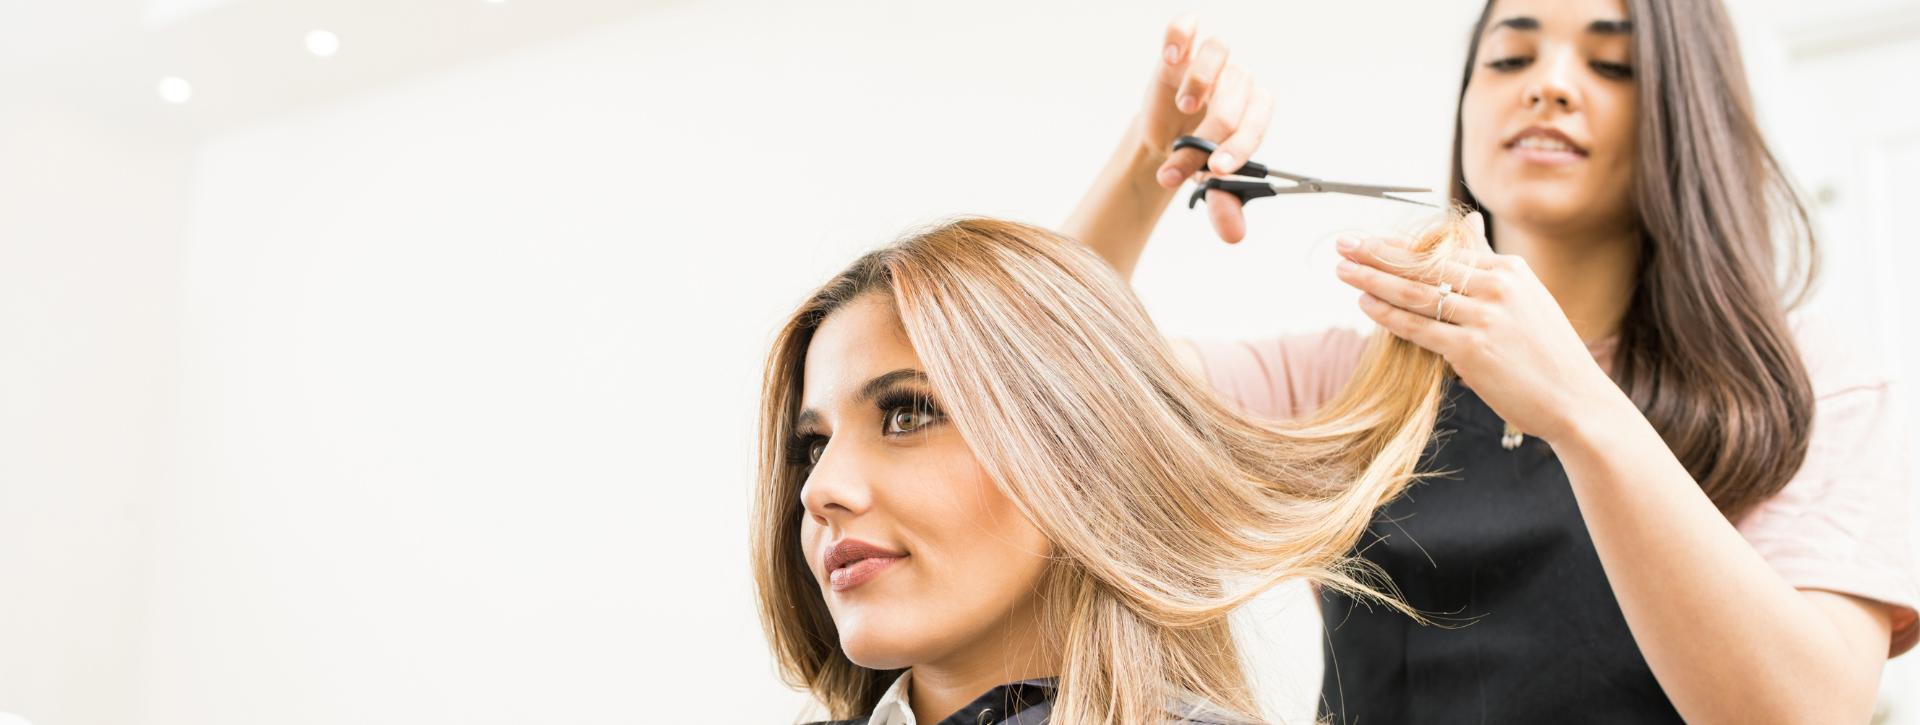 hair cutting training academy banbury